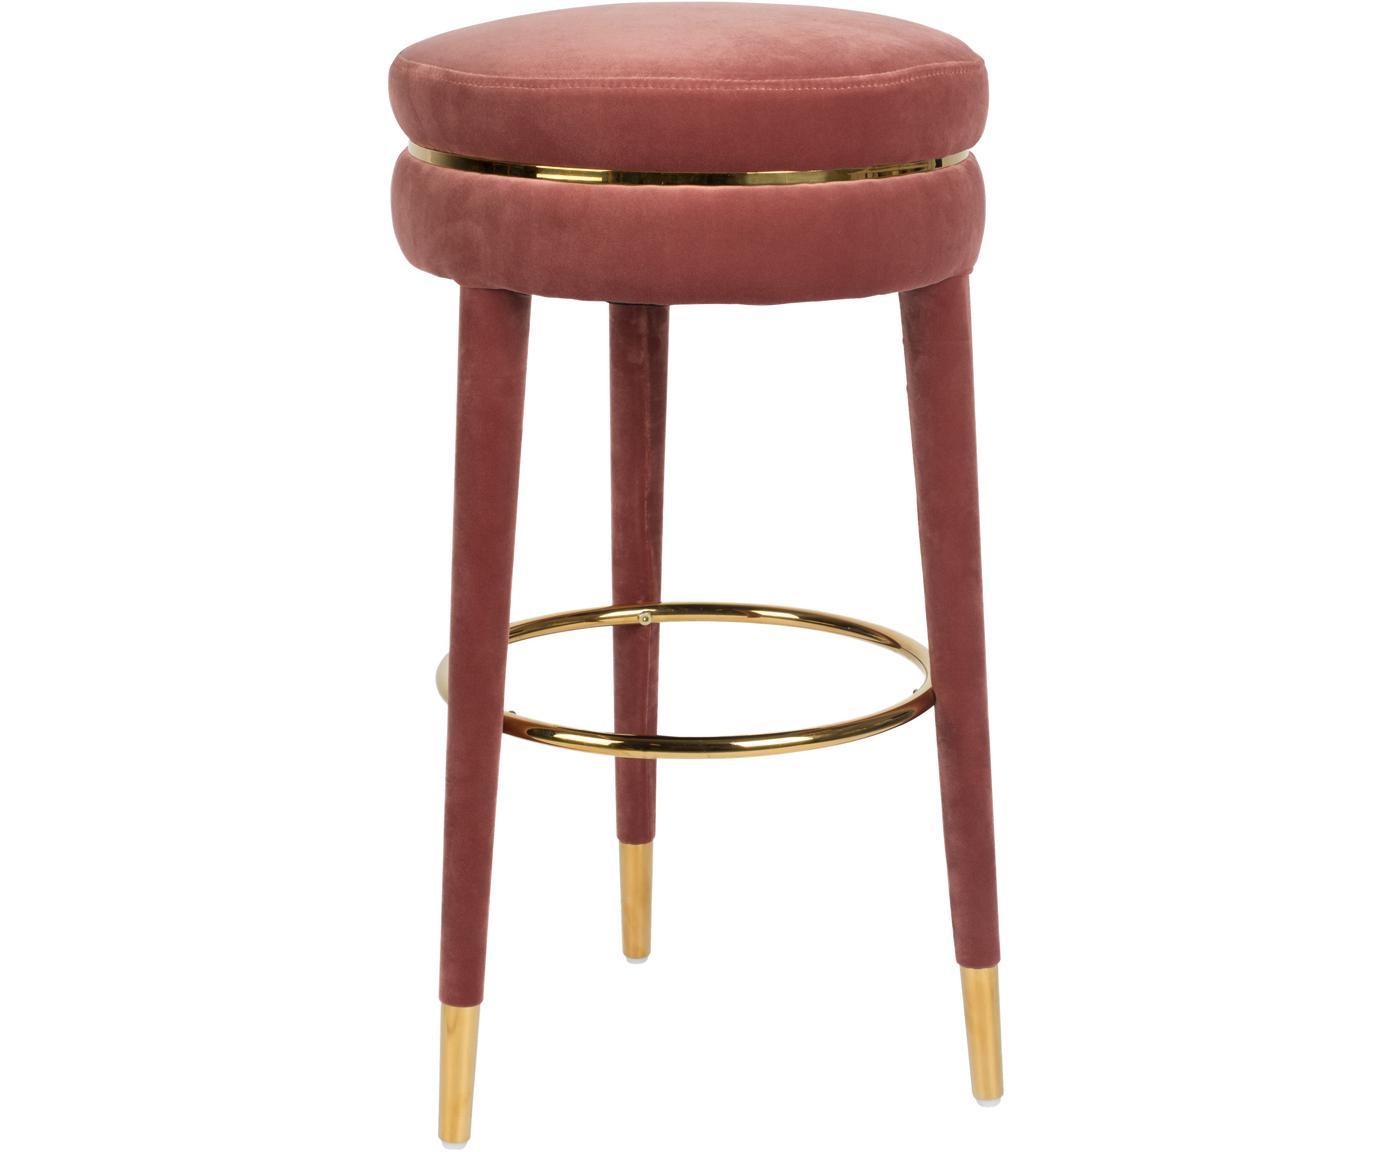 Stołek barowy z aksamitu I Am Not A Macaron, Tapicerka: aksamit poliestrowy 3000, Stelaż: drewno kauczukowe z z tap, Różowy, Ø 41 x W 78 cm